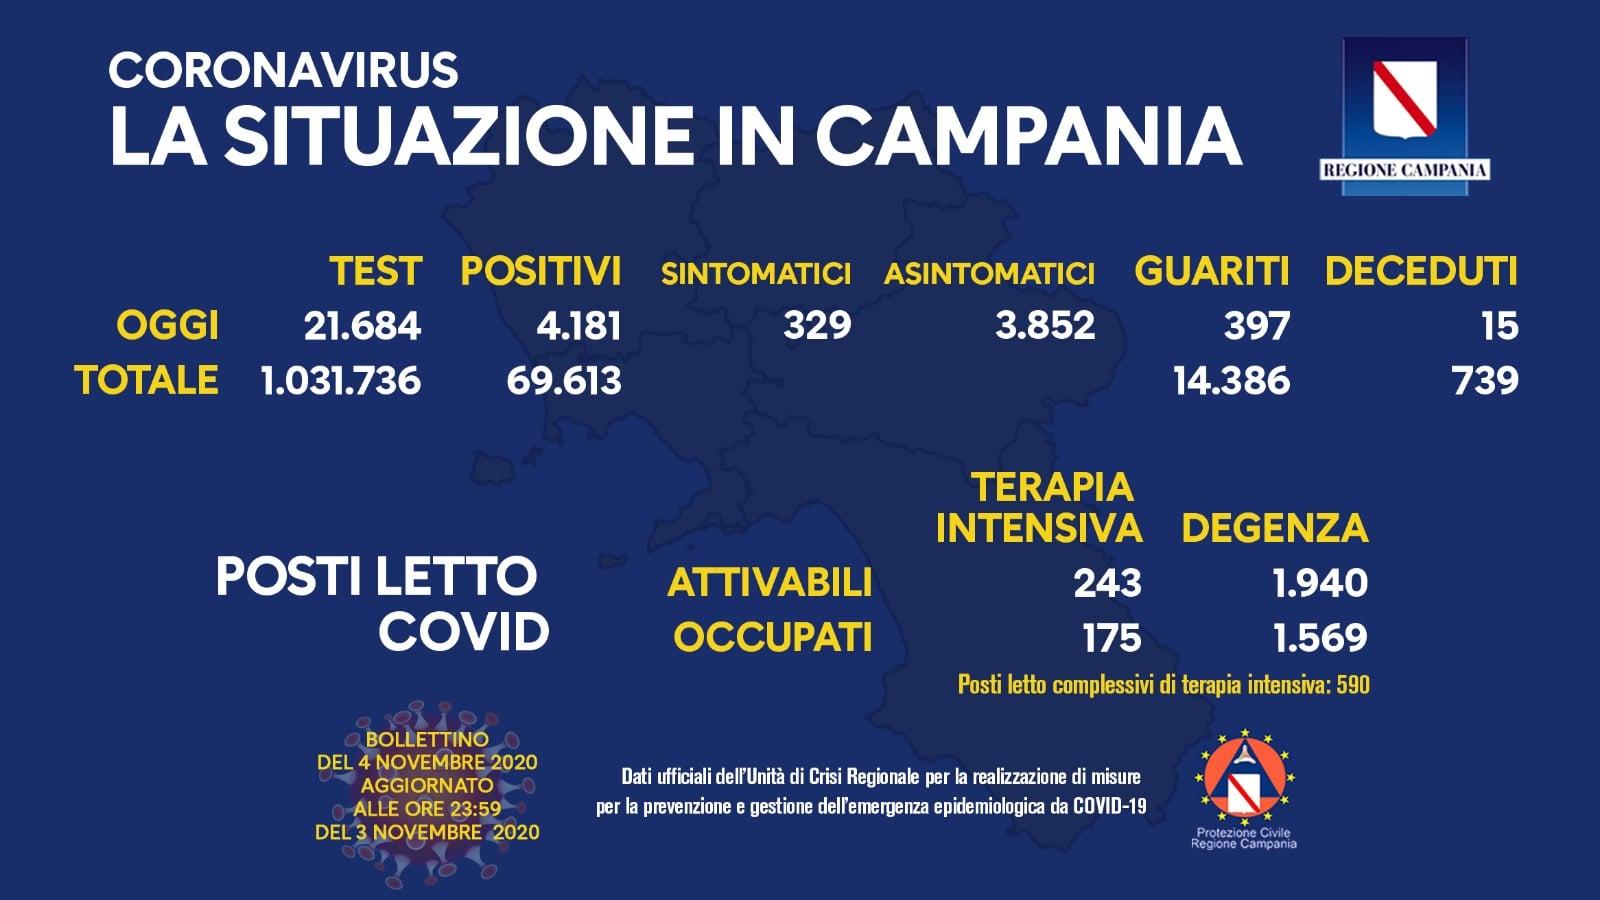 Coronavirus in Campania, bollettino 4 novembre: superati 4000 positivi